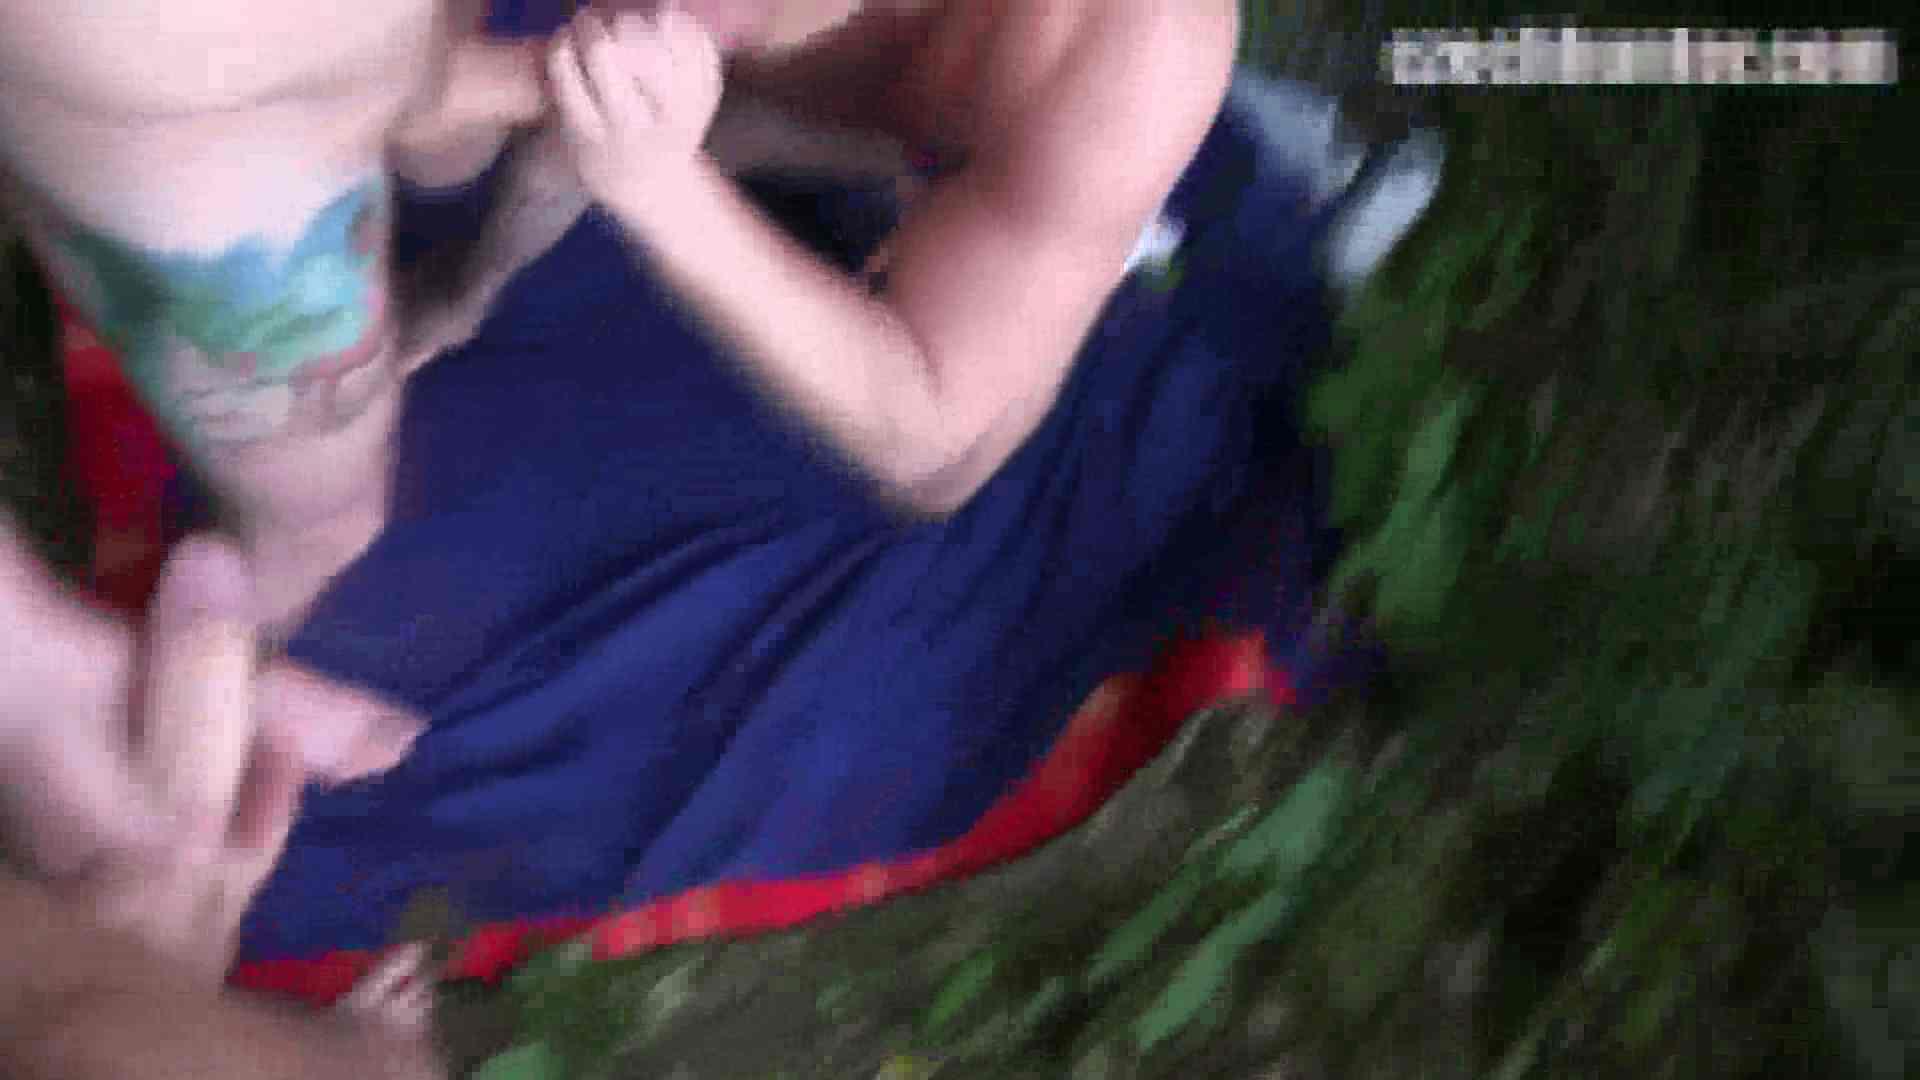 ユーロナンパ!イケメン外人さんGET!!Season4 vol07 巨根系な男たち ゲイエロビデオ画像 110連発 87